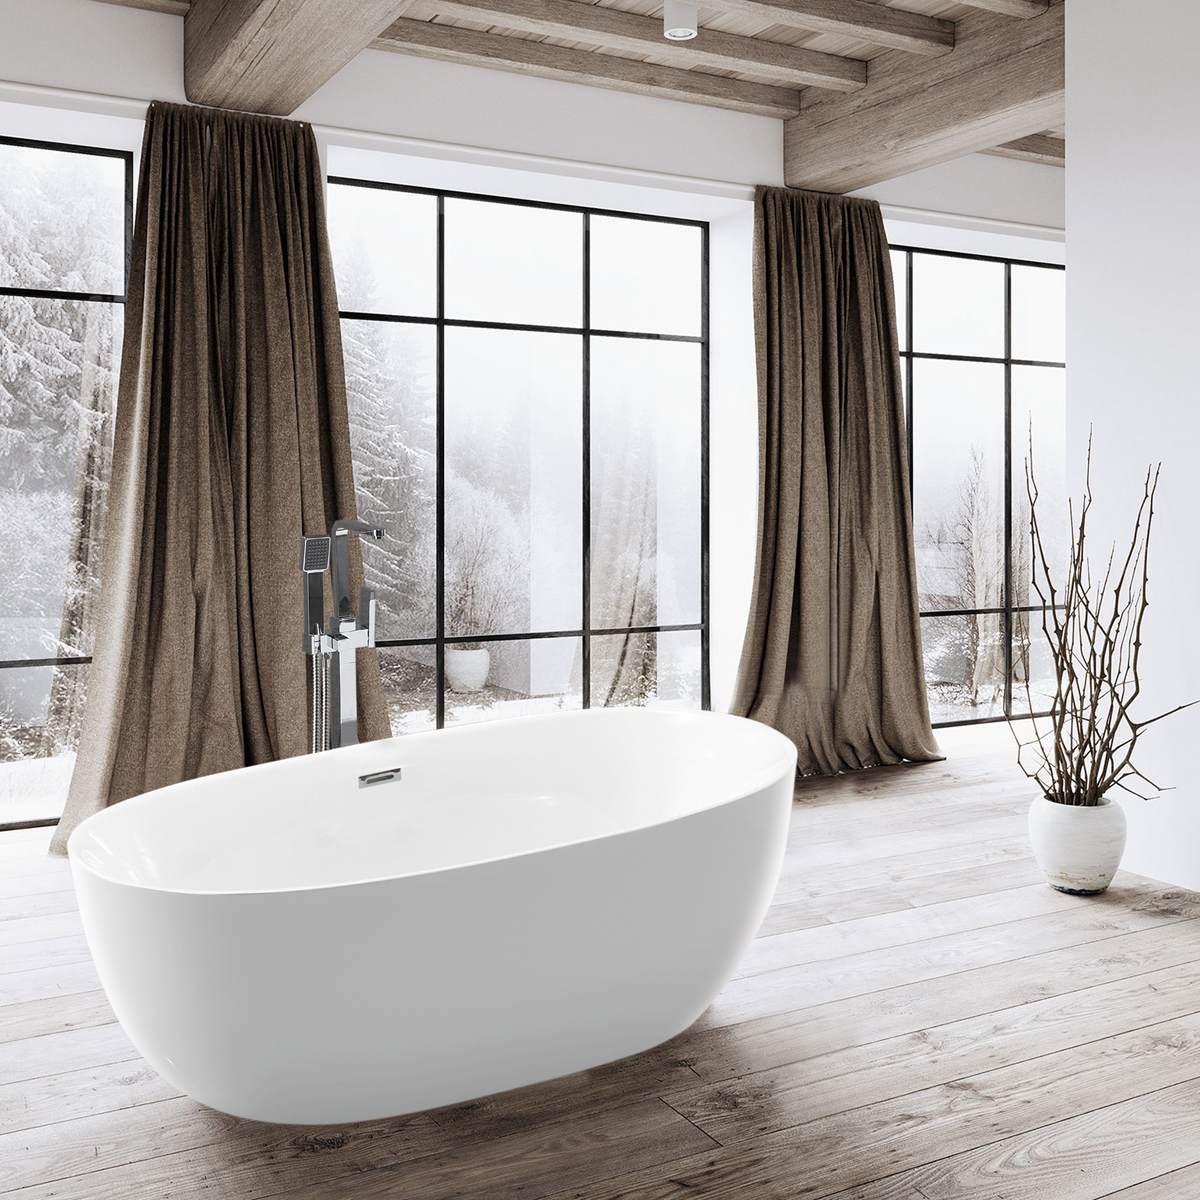 Ванна акриловая Vincea VBT-206, 1600*800*580, цвет белый, слив-перелив в комплекте, хром